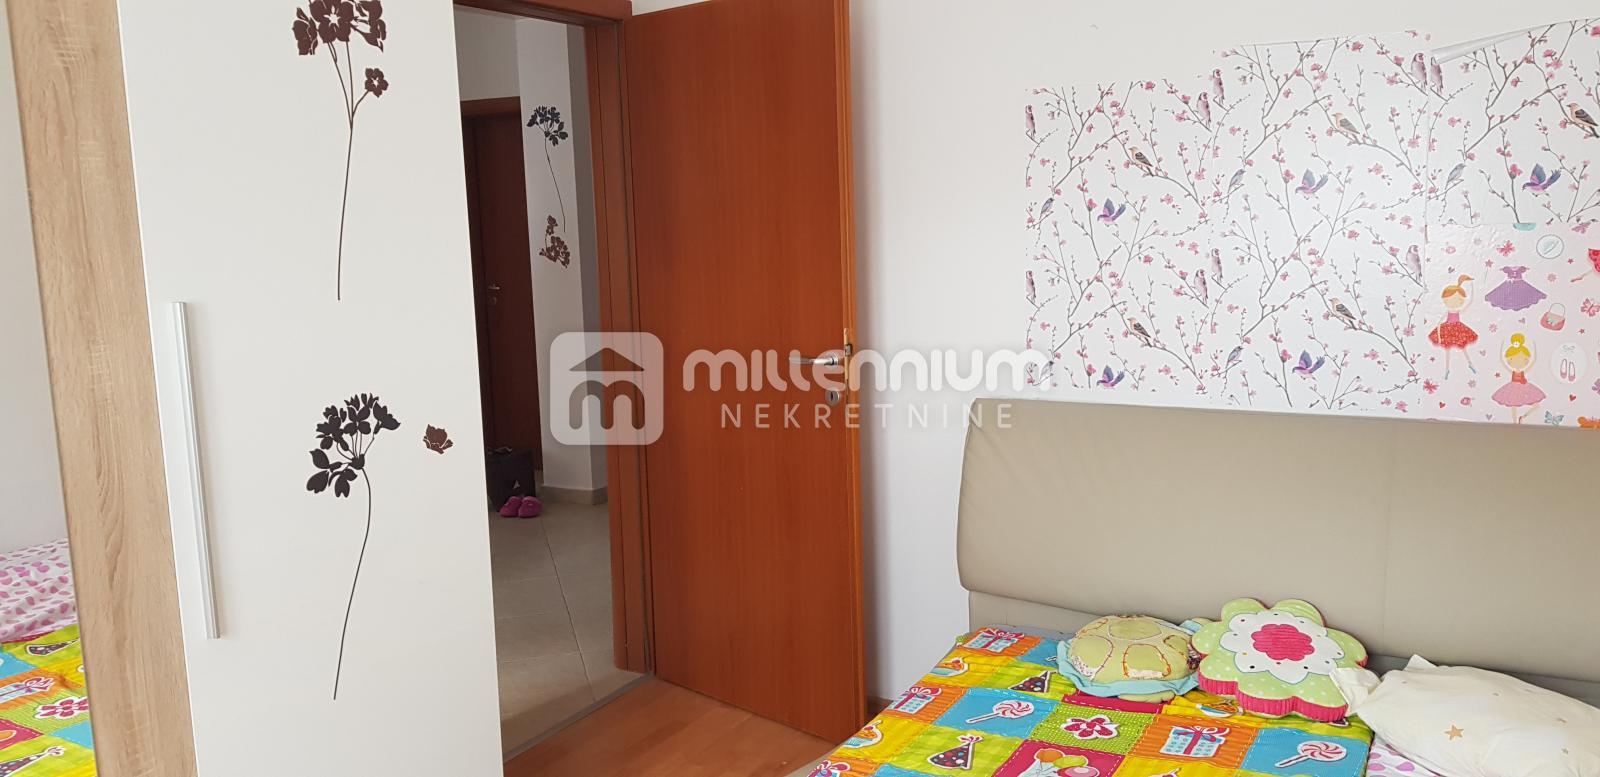 Viškovo, 2-sobni stan s dnevnim boravkom, 2 balkona